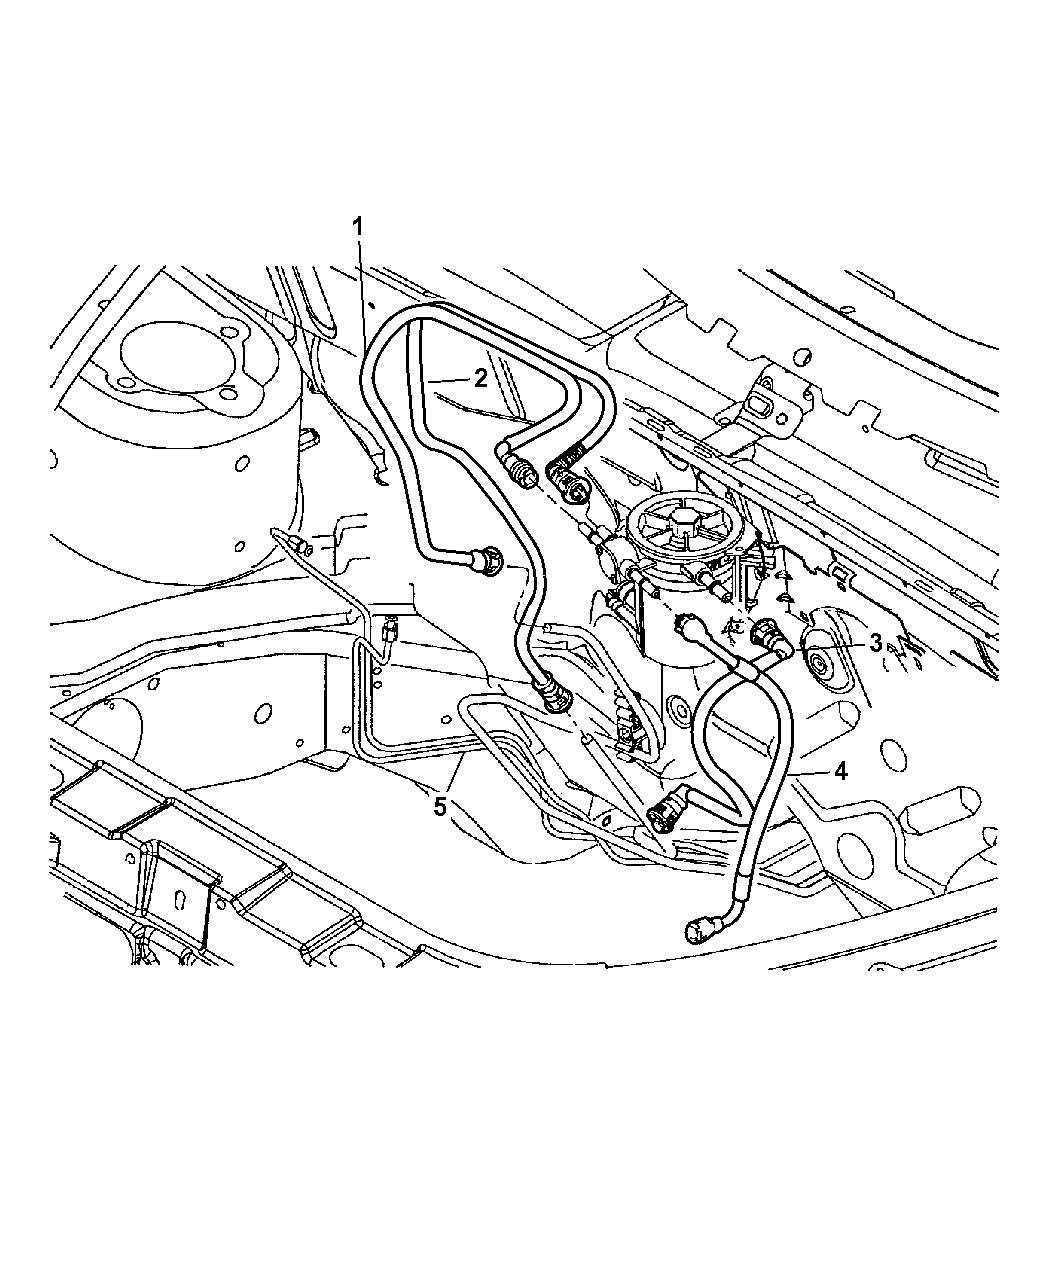 2004 chrysler pt cruiser fuel filter